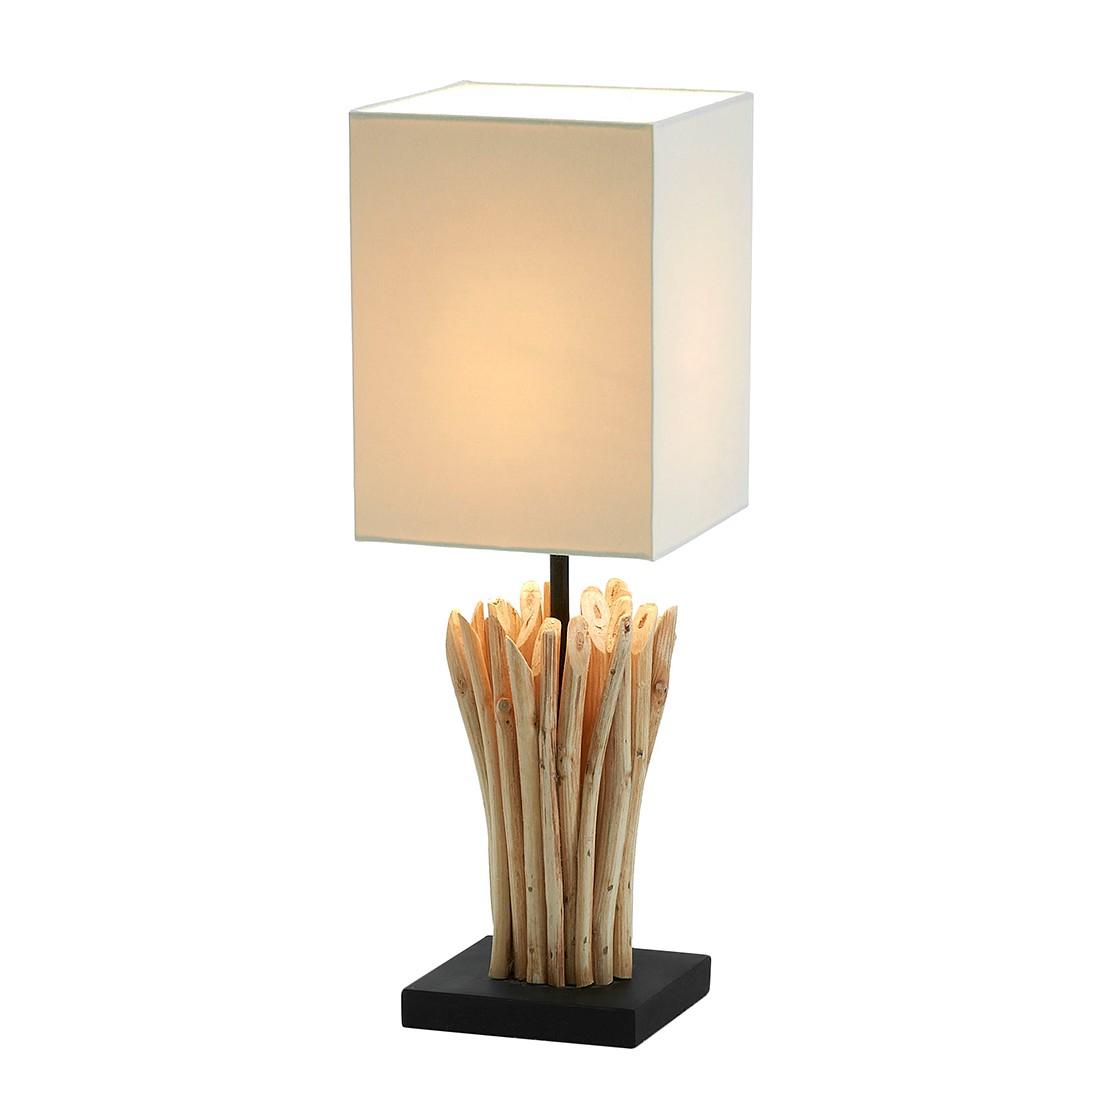 Lampada da tavolo Boop by Julià, Naturoo